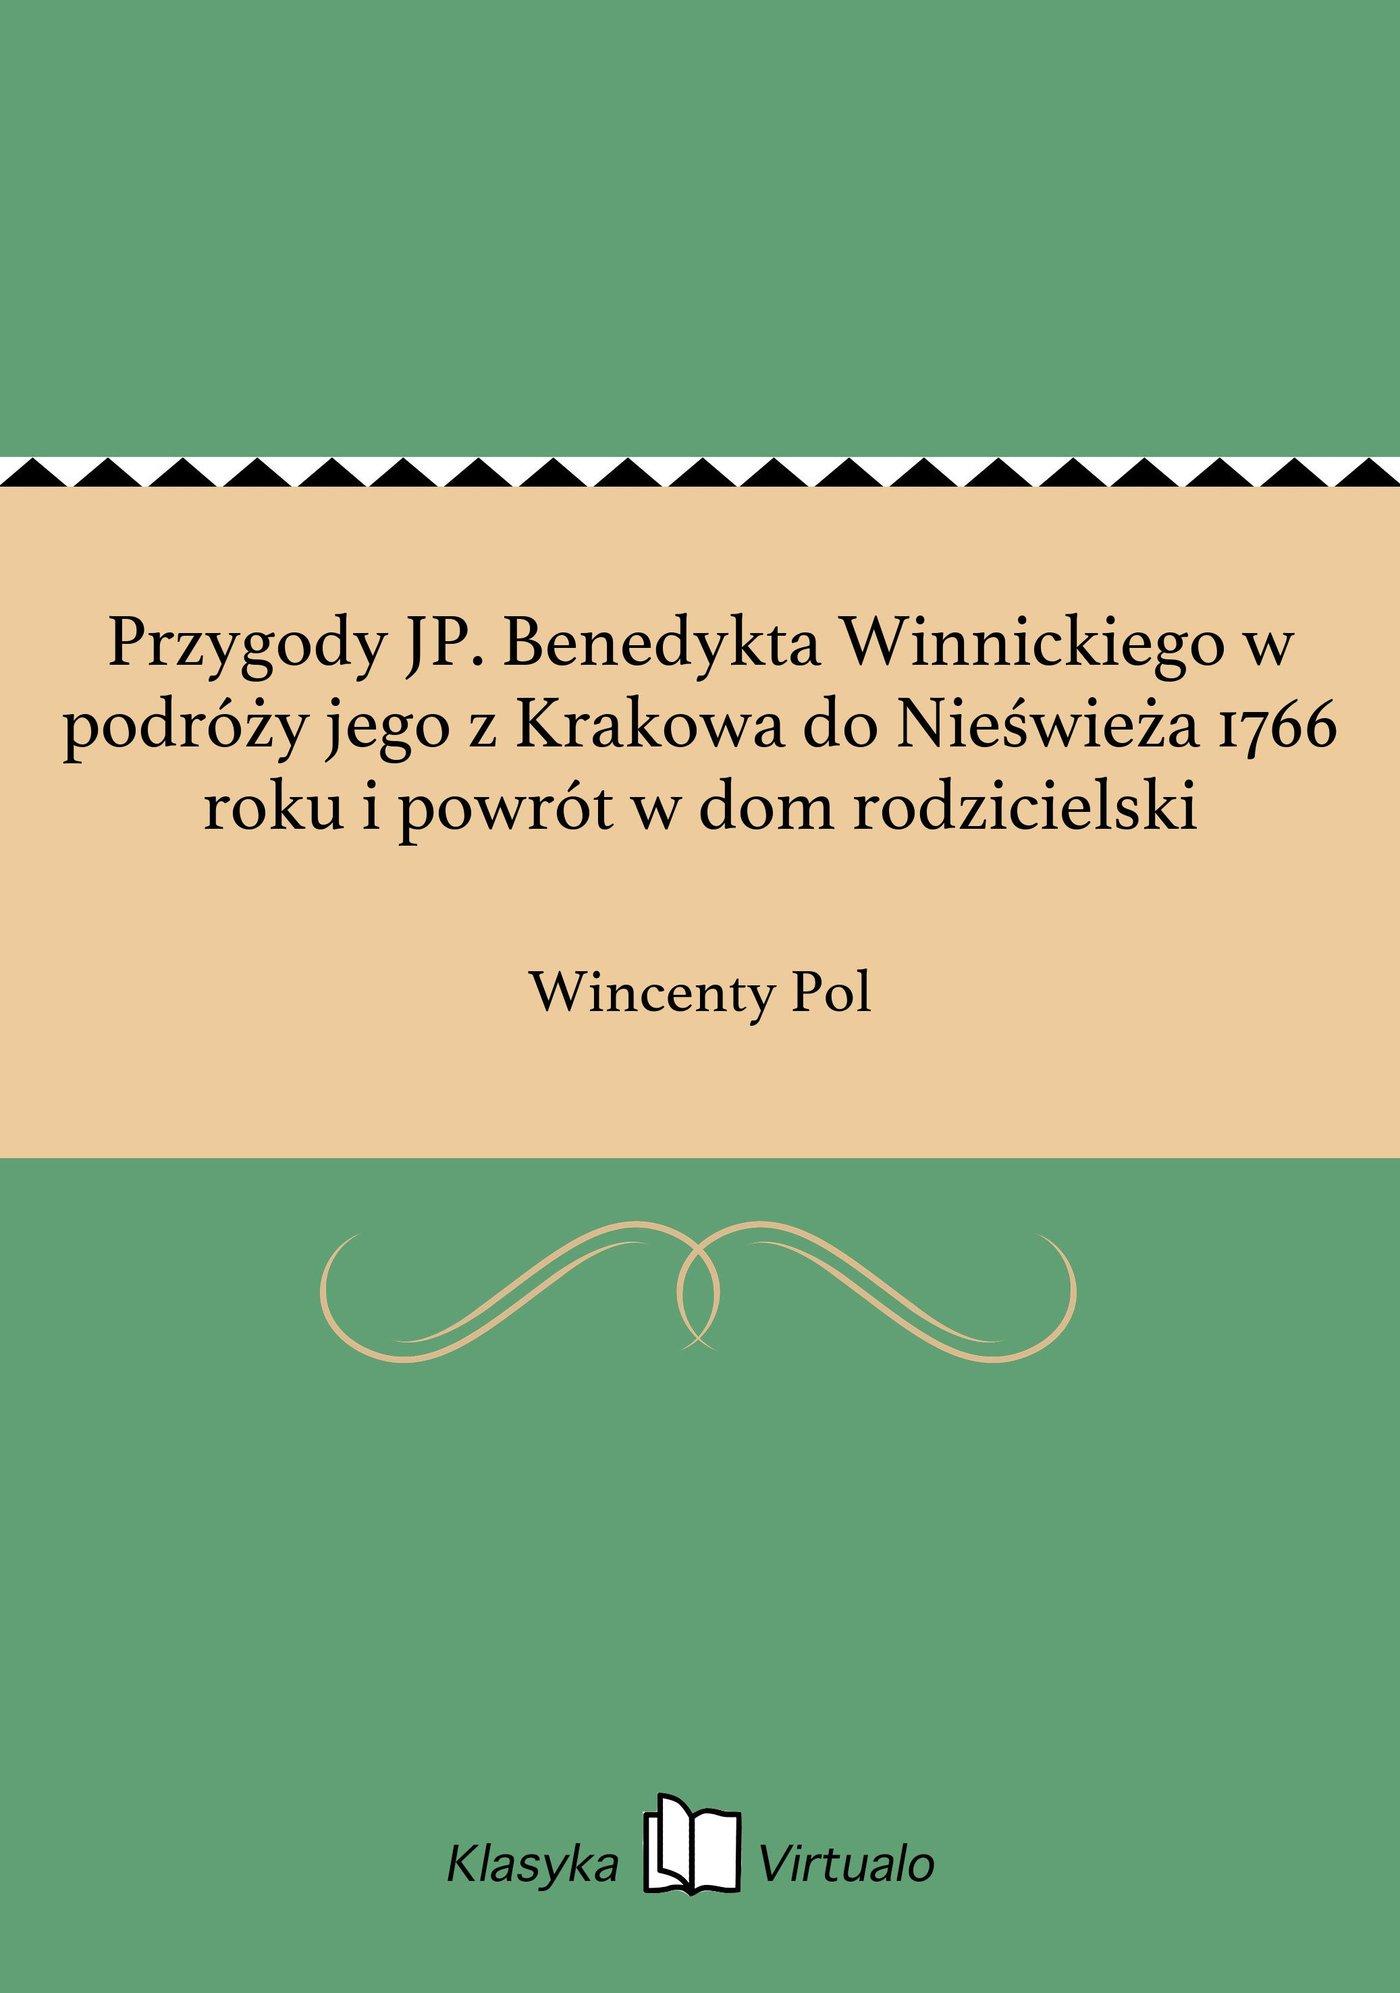 Przygody JP. Benedykta Winnickiego w podróży jego z Krakowa do Nieświeża 1766 roku i powrót w dom rodzicielski - Ebook (Książka na Kindle) do pobrania w formacie MOBI